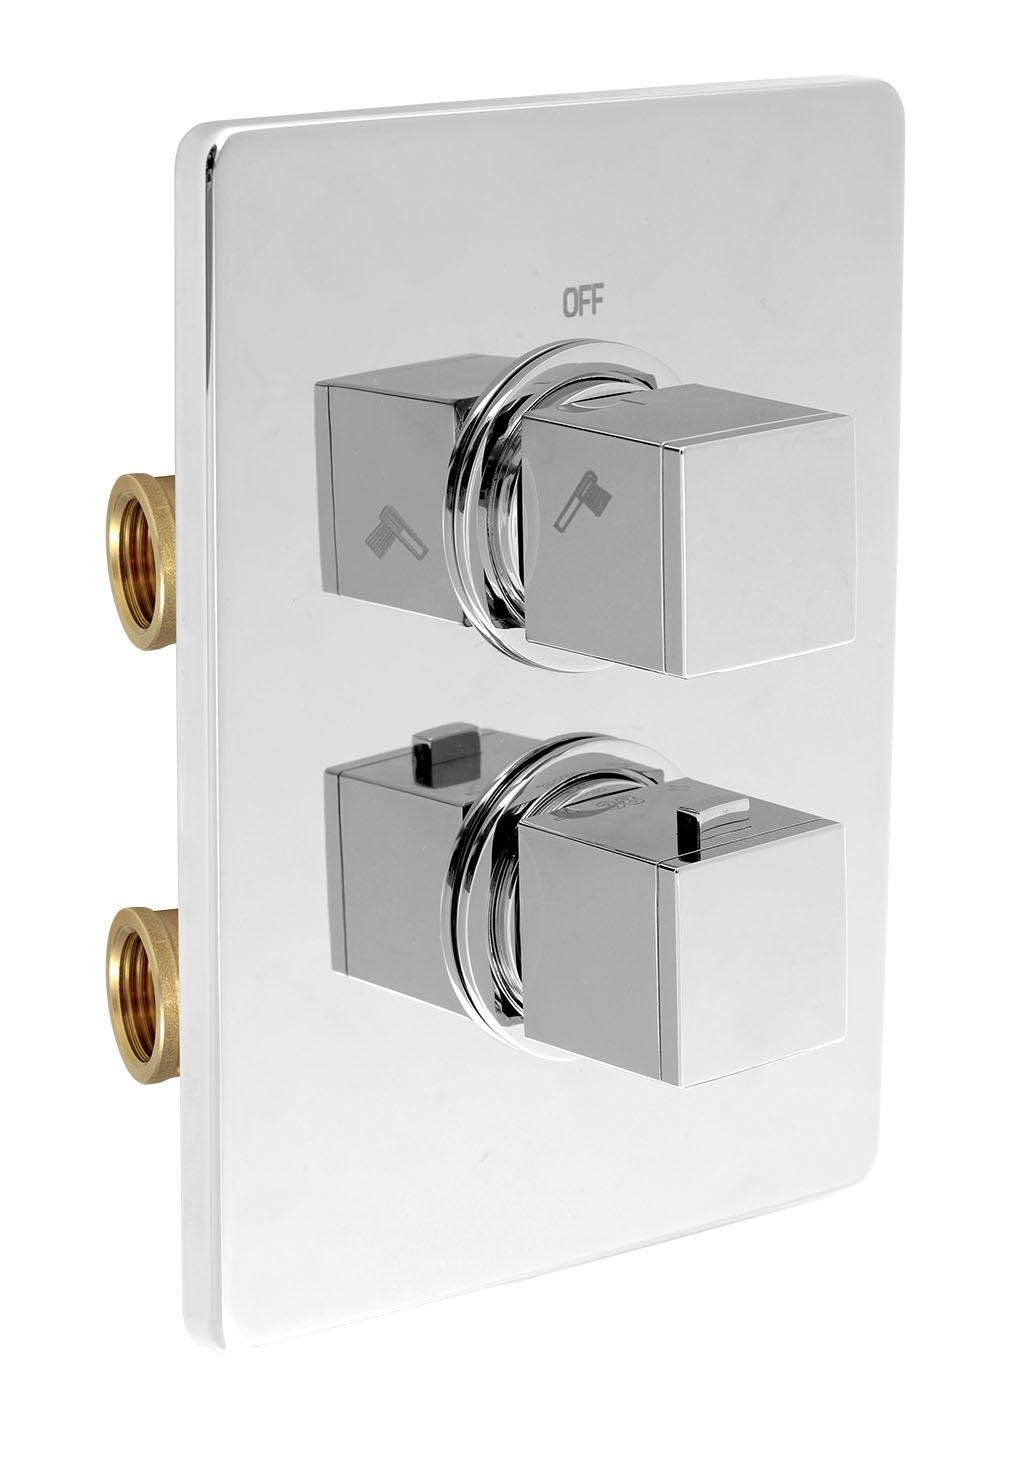 Sprchová termostatická baterie 2-cestný ventil chrom